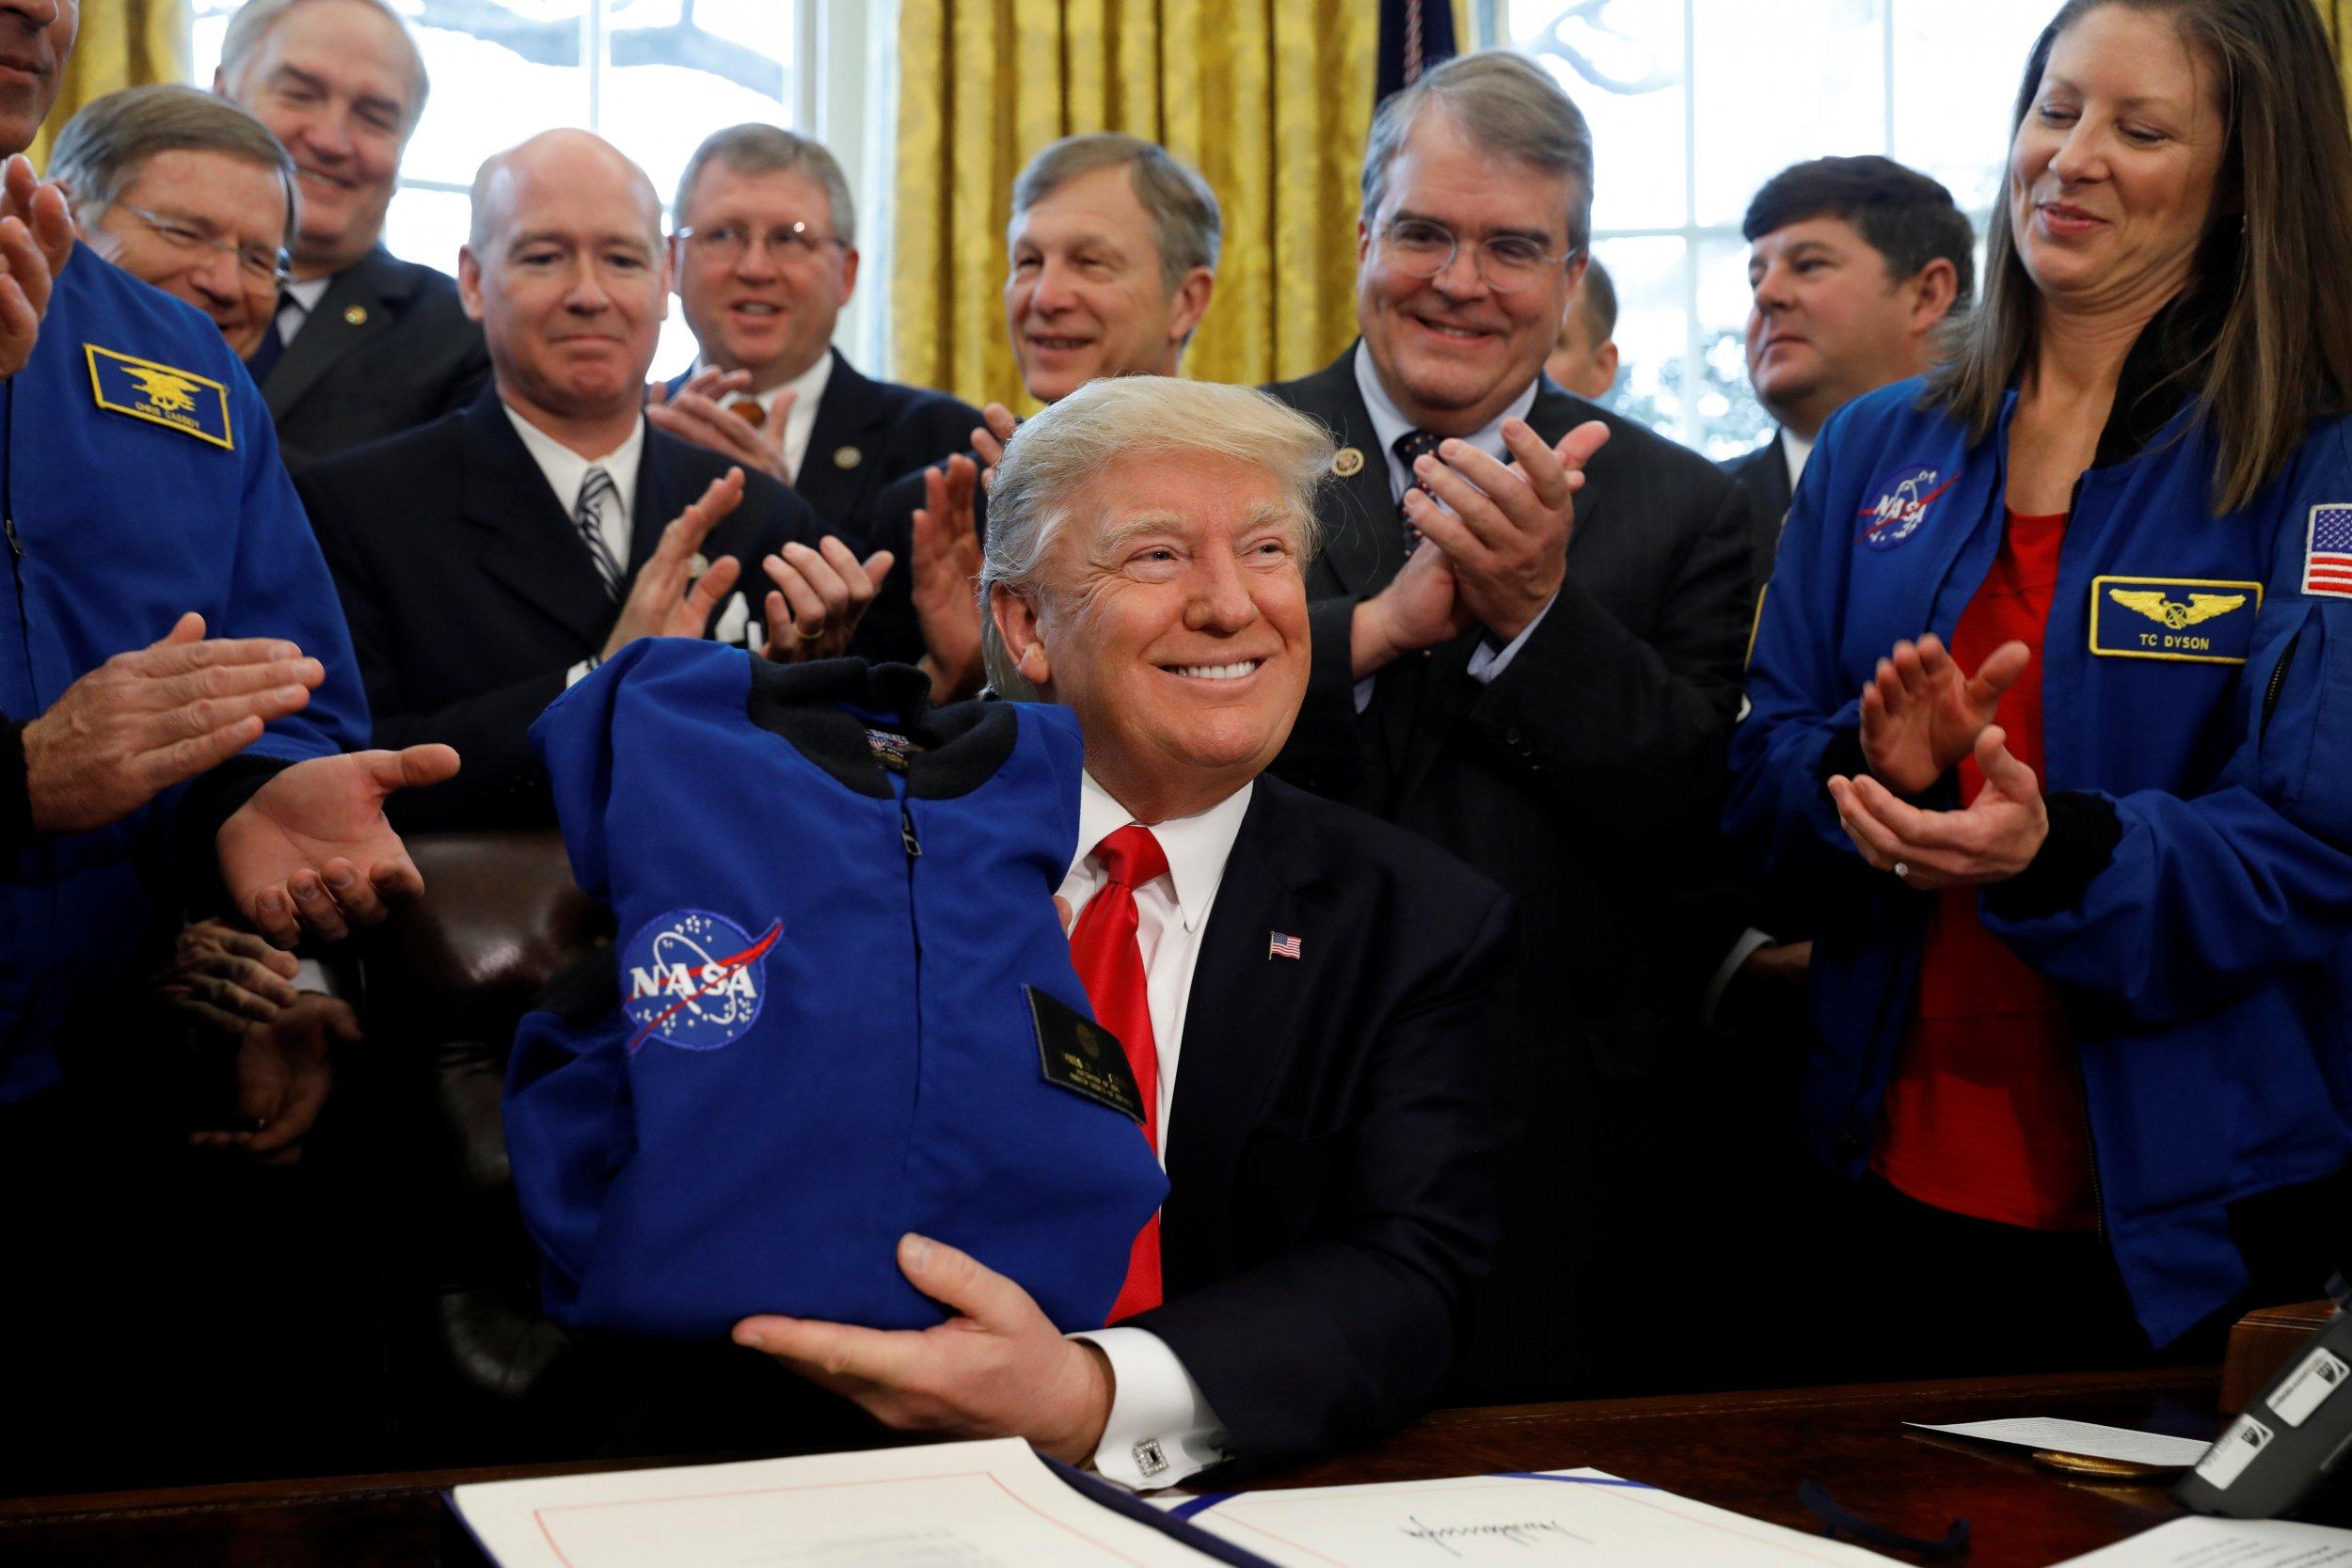 09282017_Trump_NASA